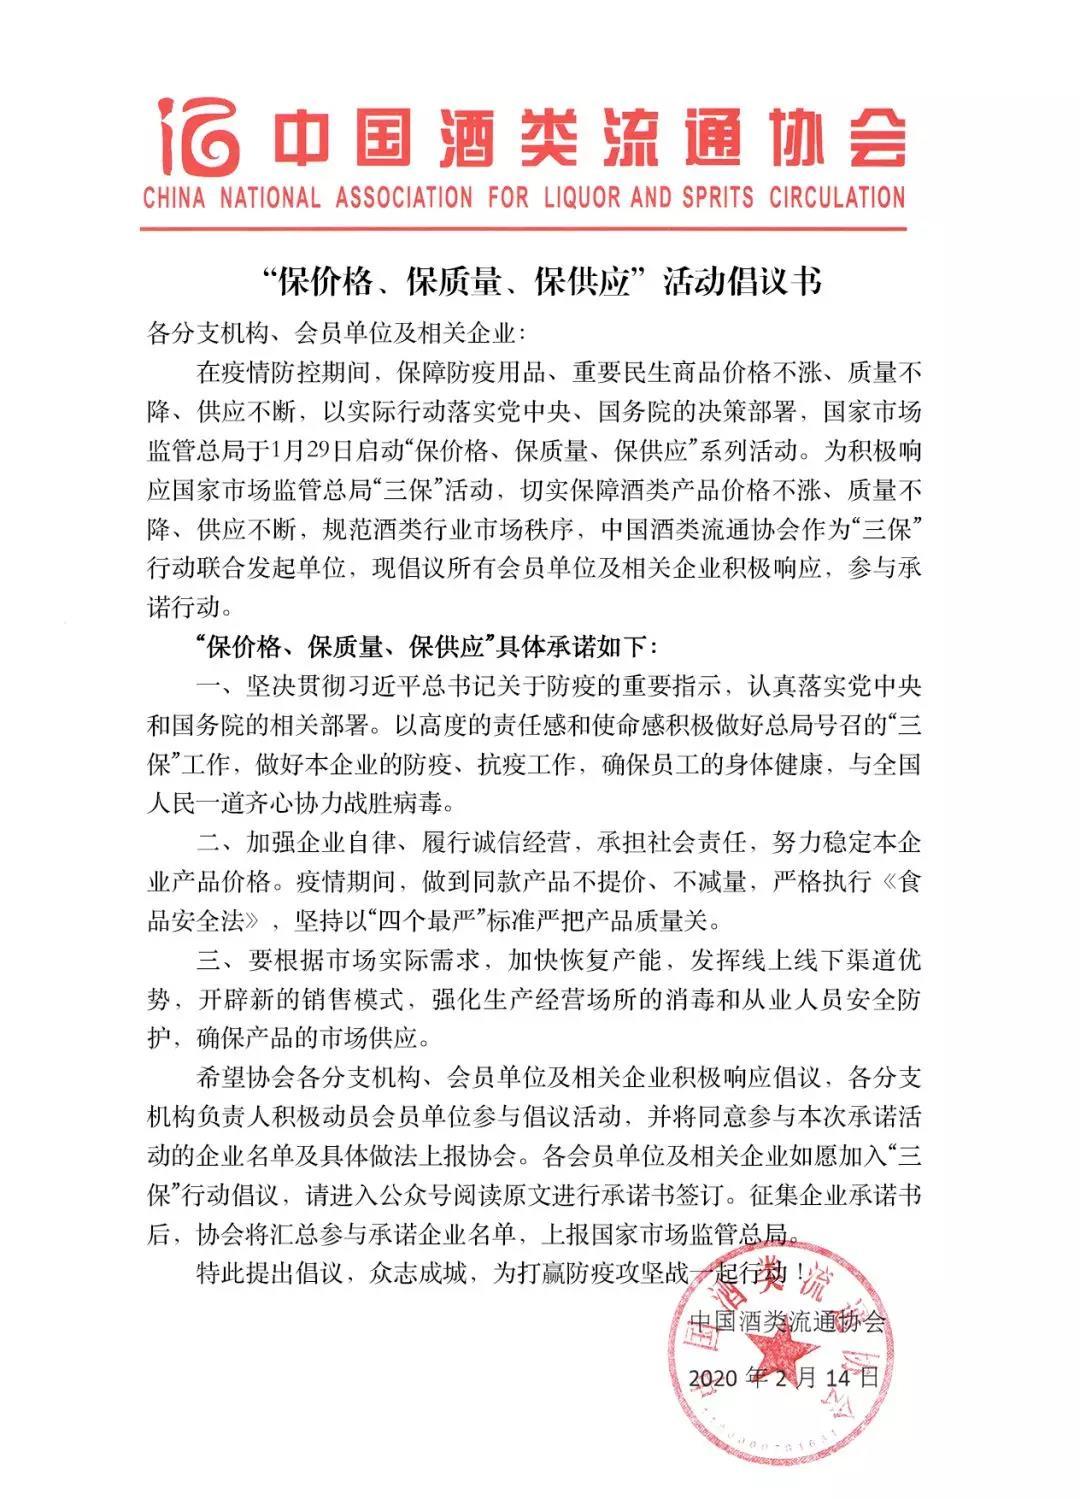 """中国酒类流通协会携手403家酒类企业积极响应""""三保""""行动"""